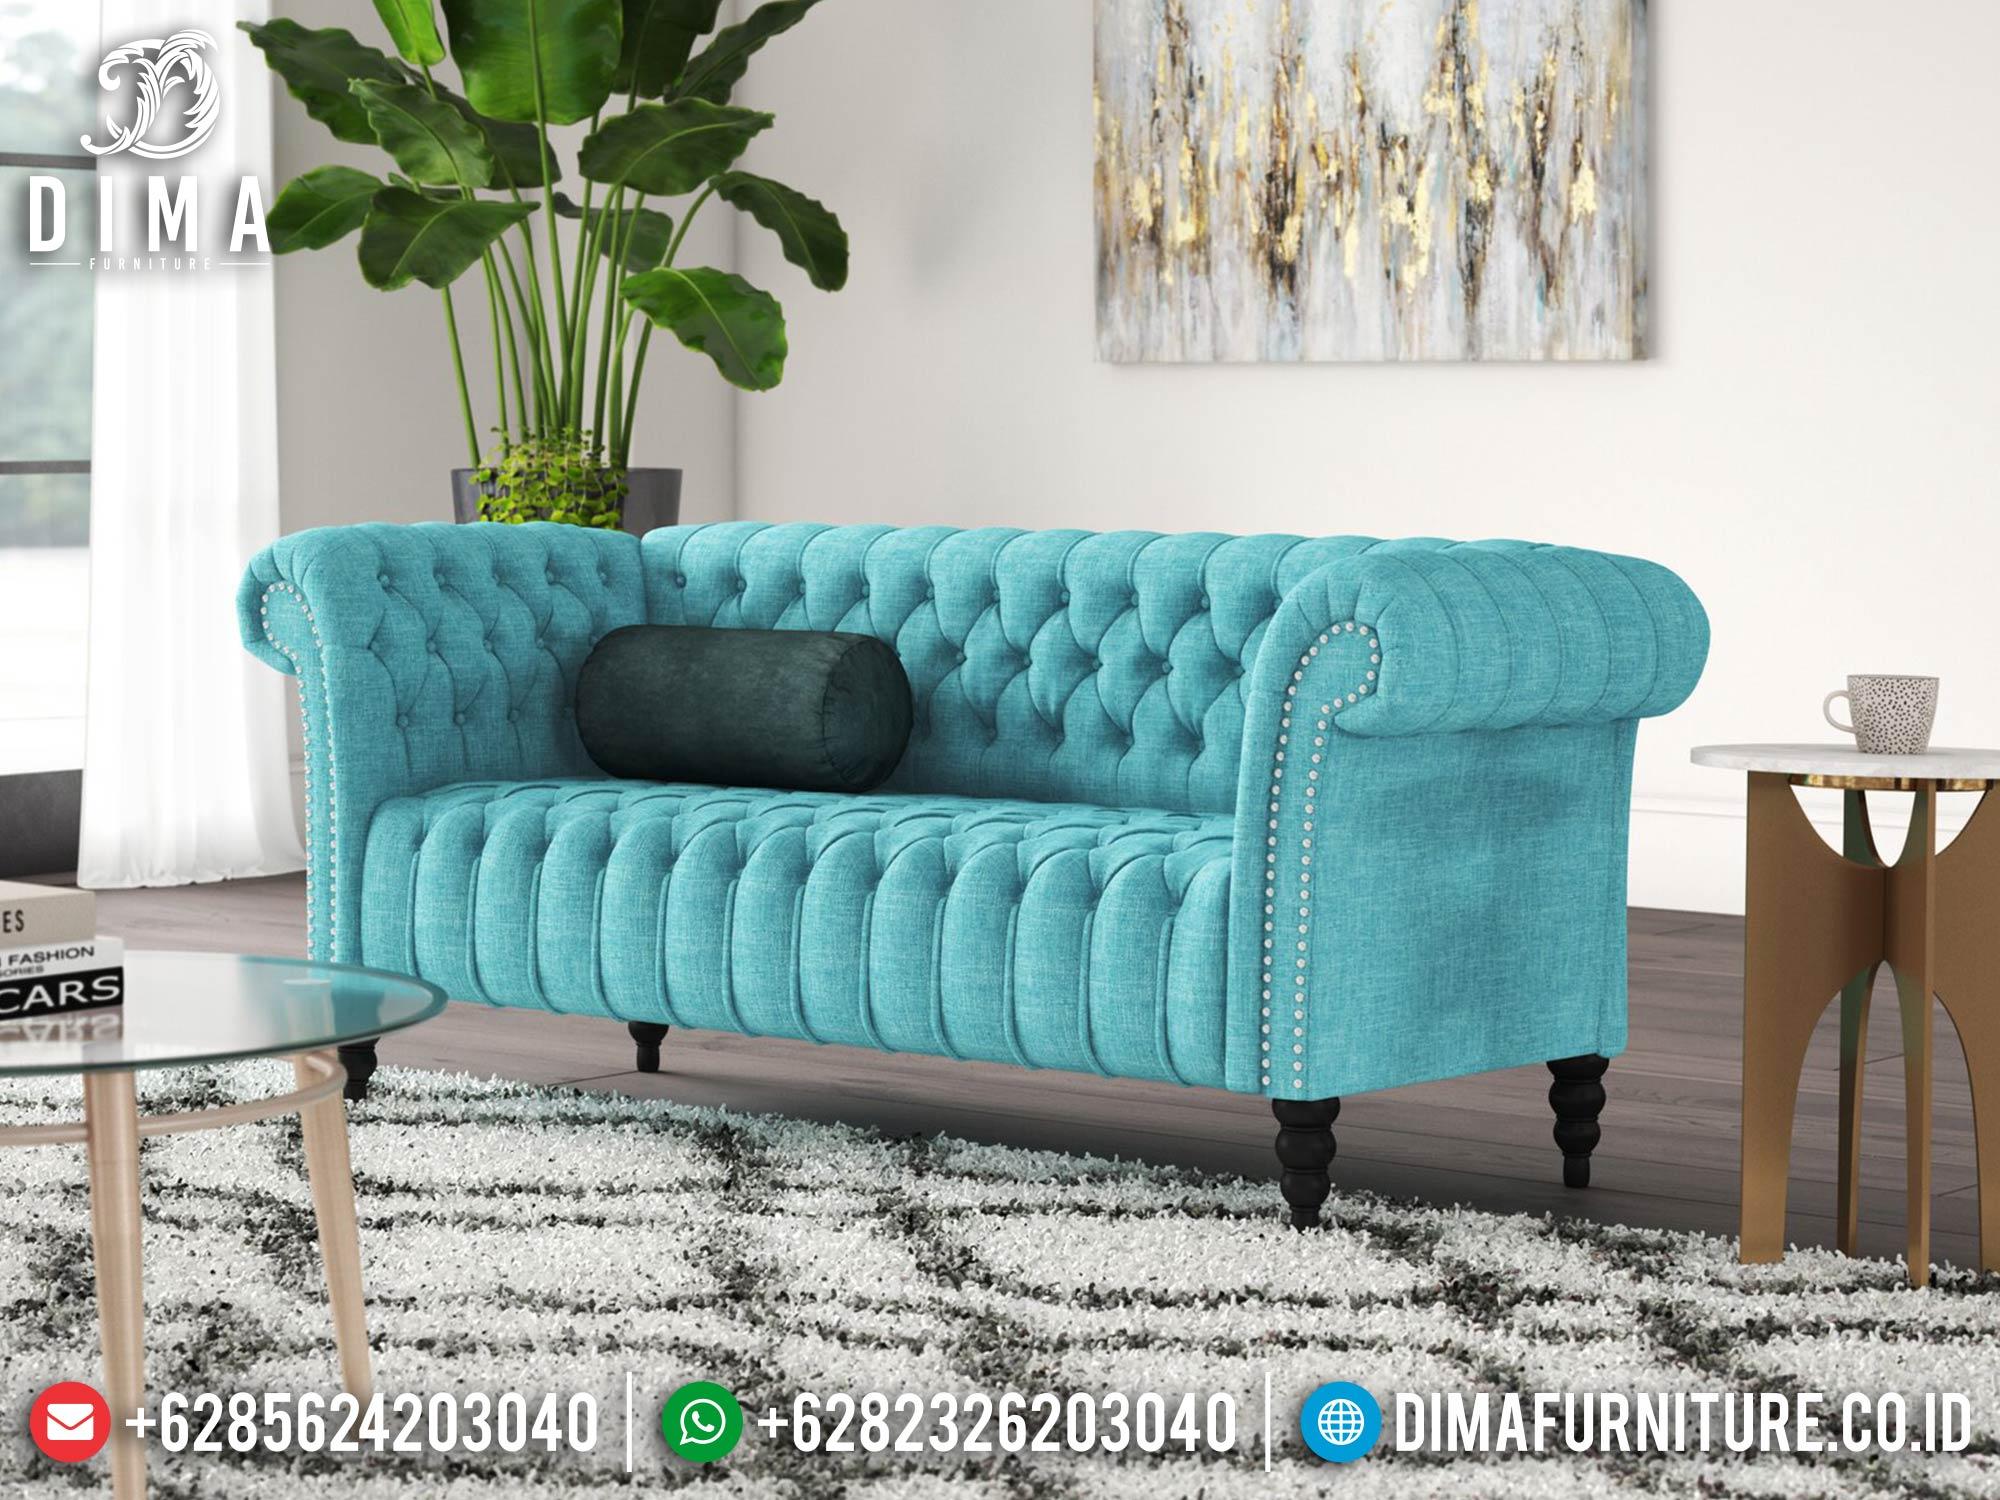 Grand Sofa Tamu Minimalis Jepara Exclusive Design Furniture Jepara ST-1271